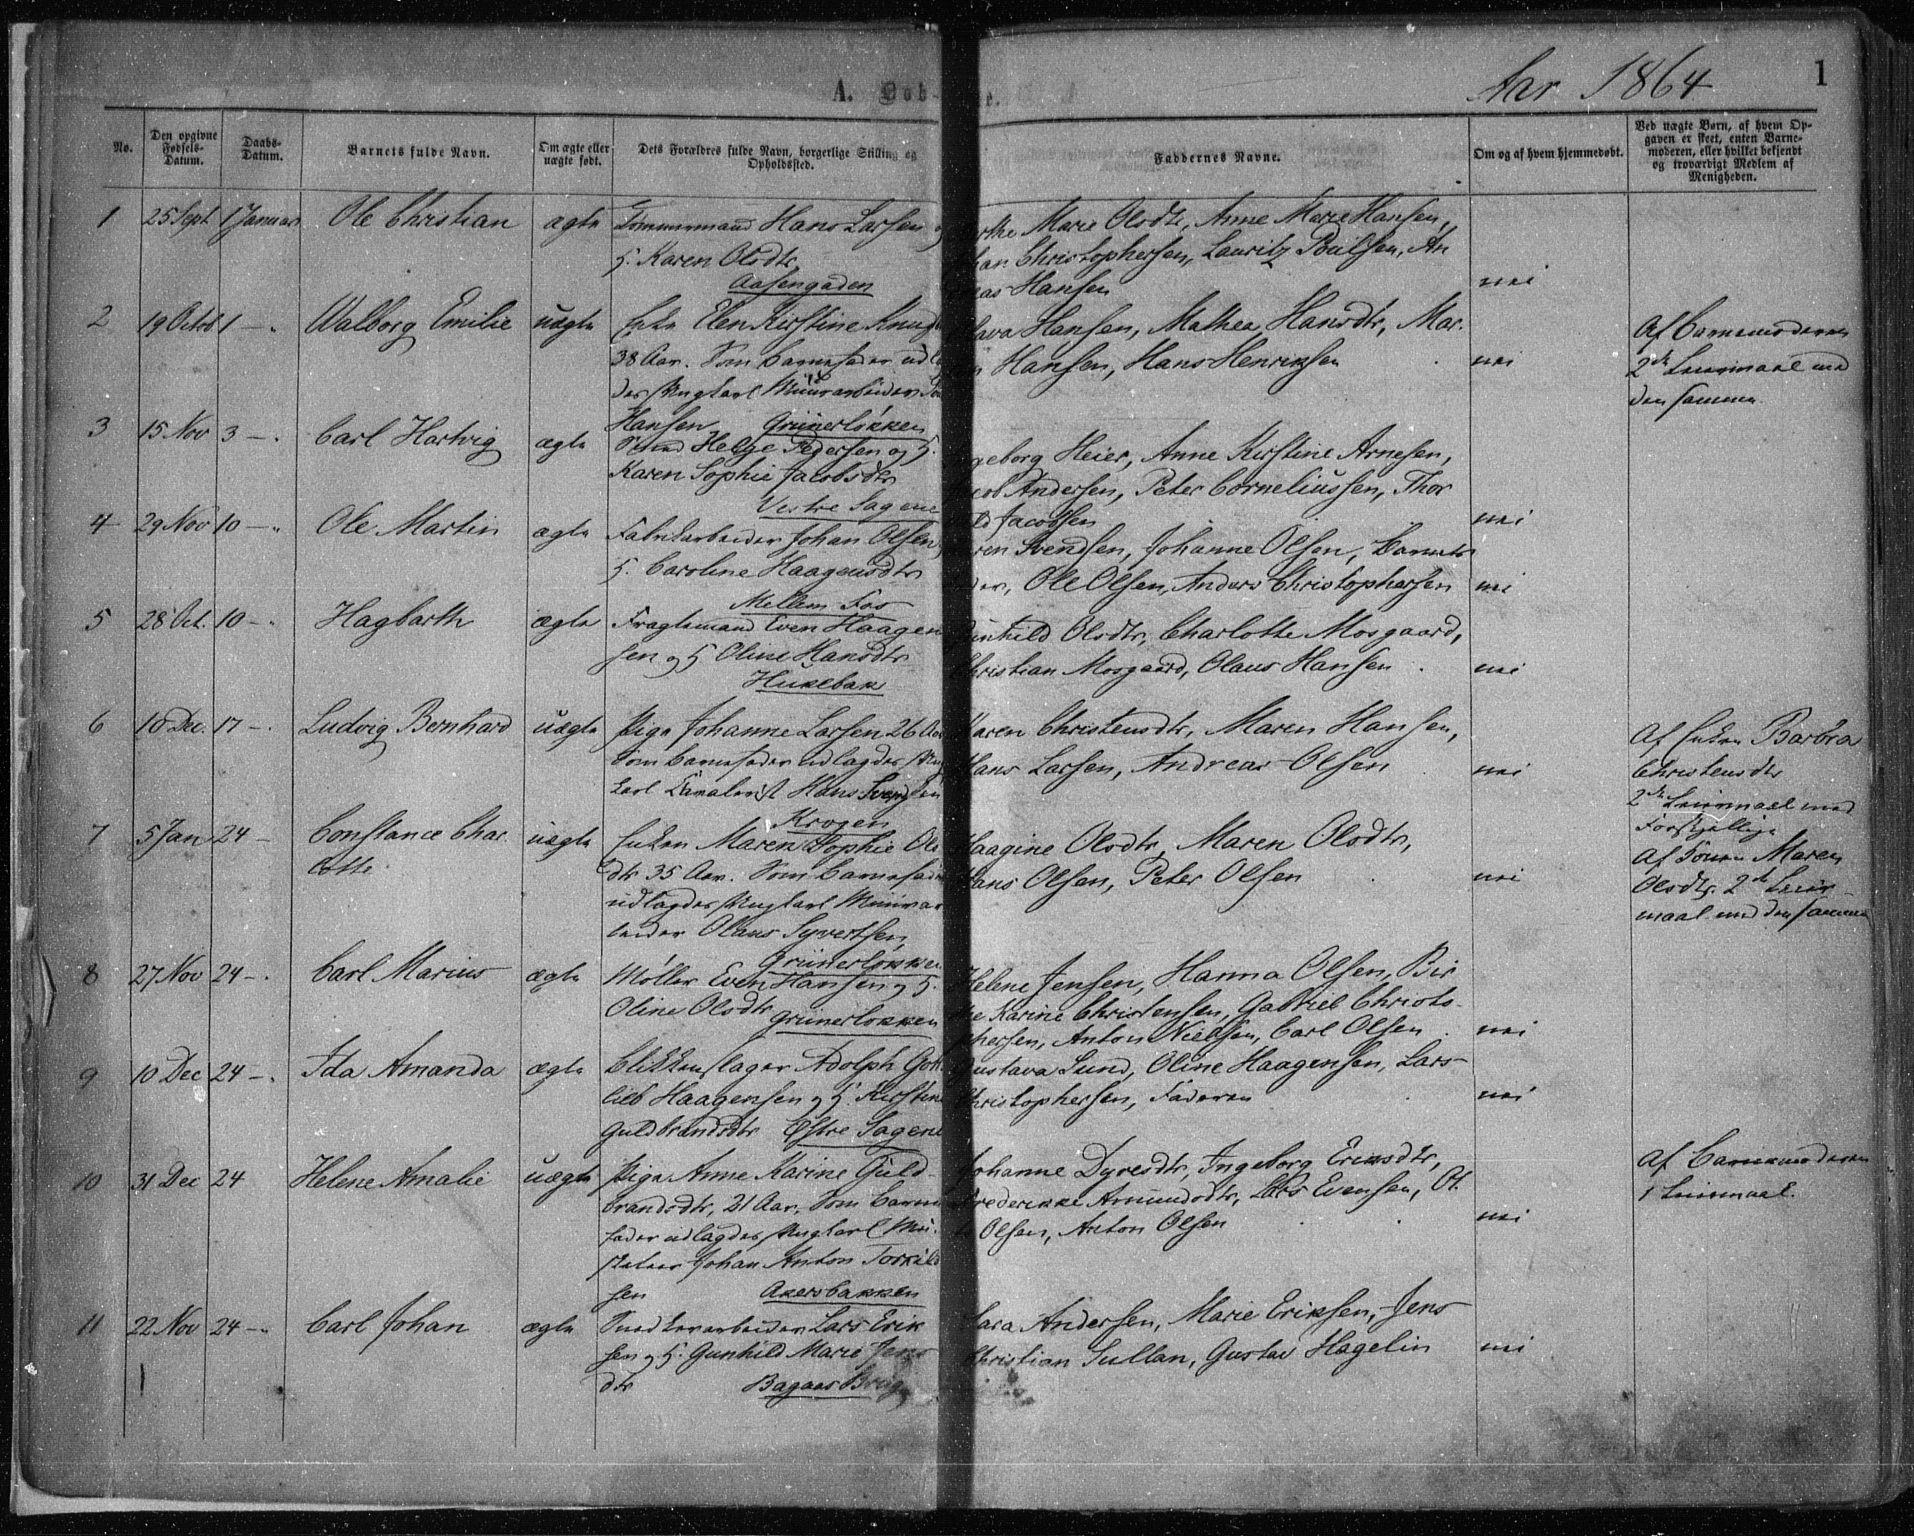 SAO, Gamle Aker prestekontor Kirkebøker, F/L0002: Ministerialbok nr. 2, 1864-1872, s. 1